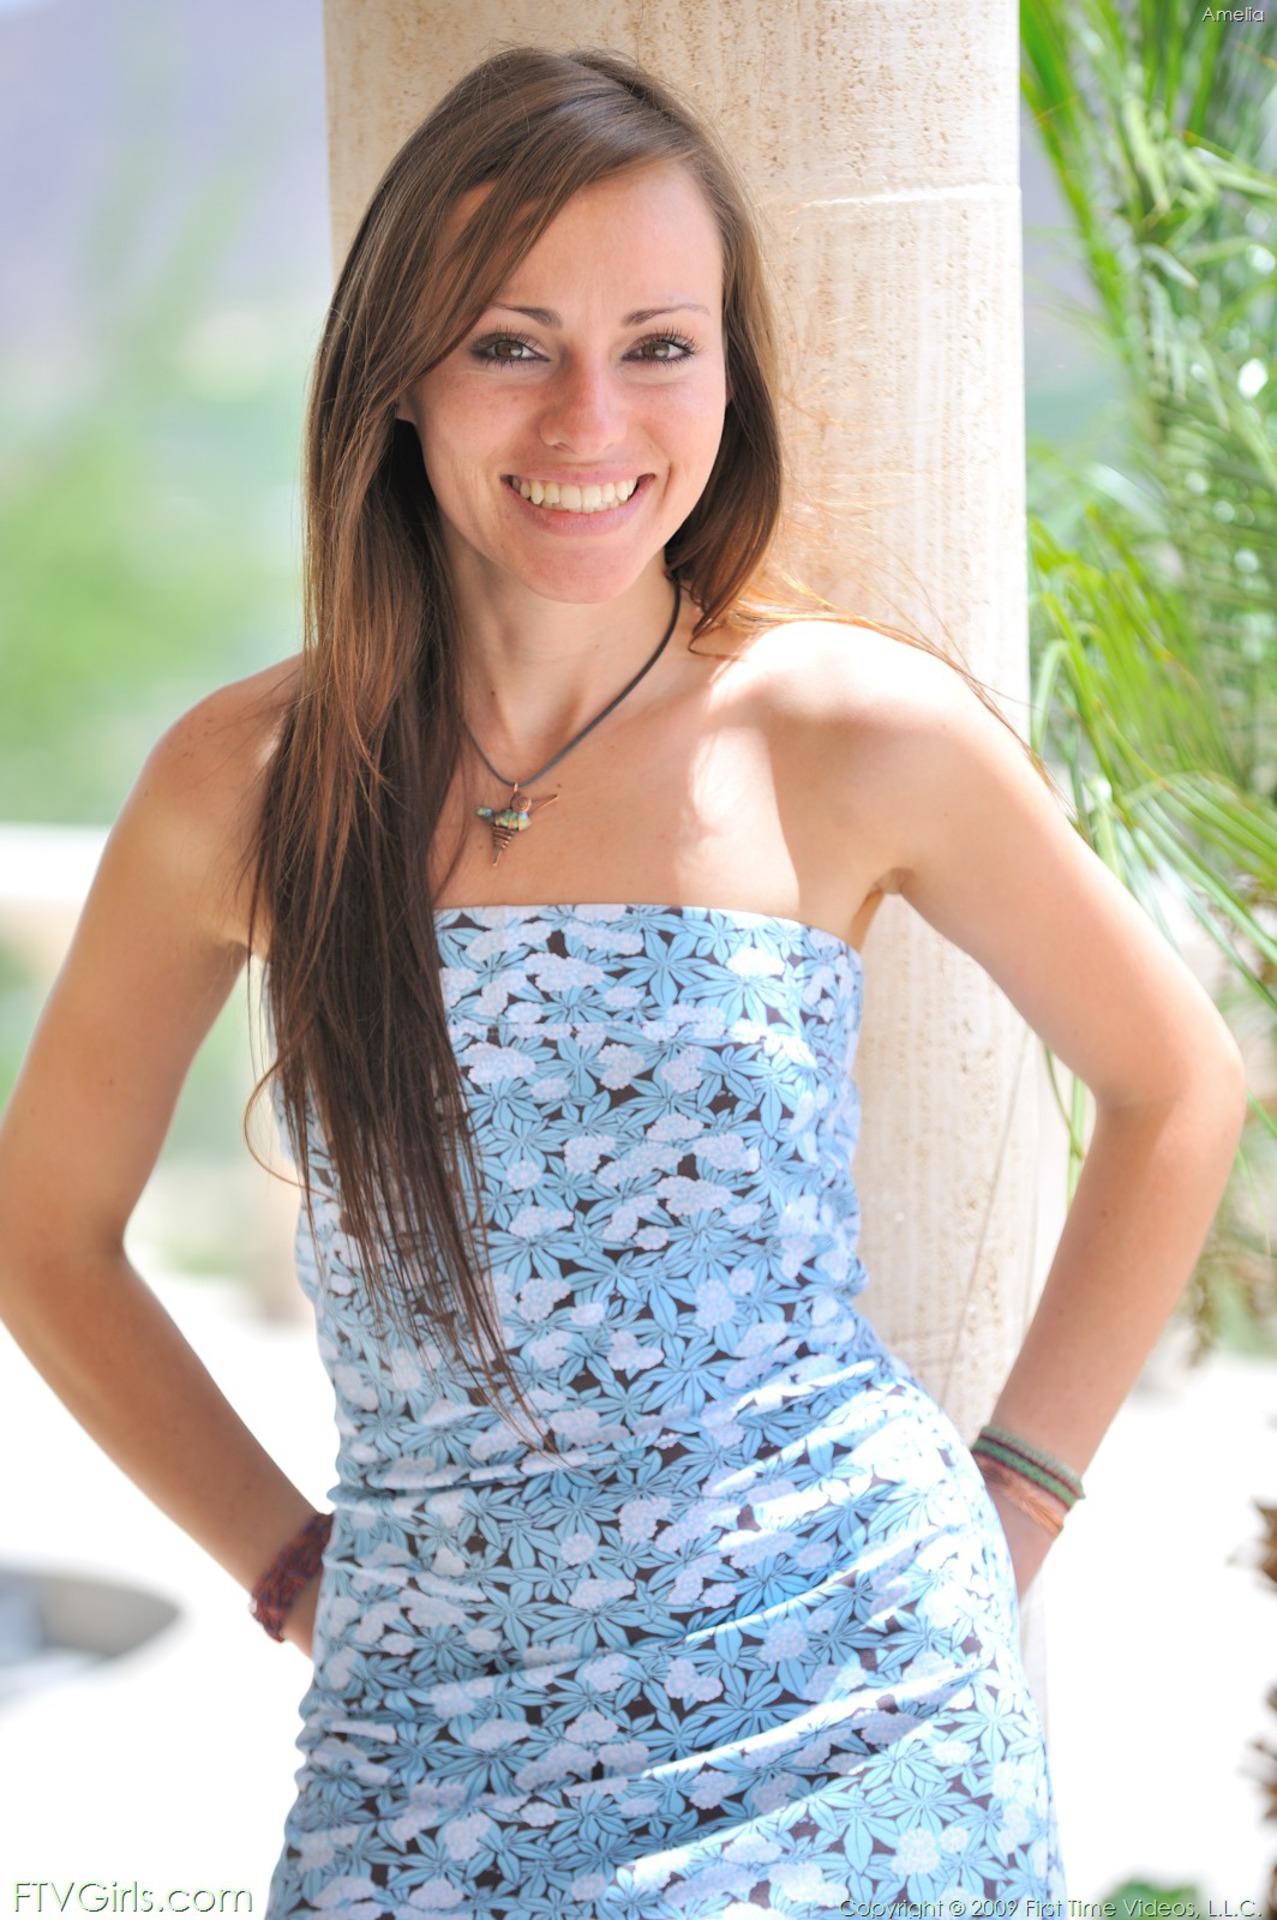 http://content9.novoglam.com/ftvgirls.com/6722/01.jpg